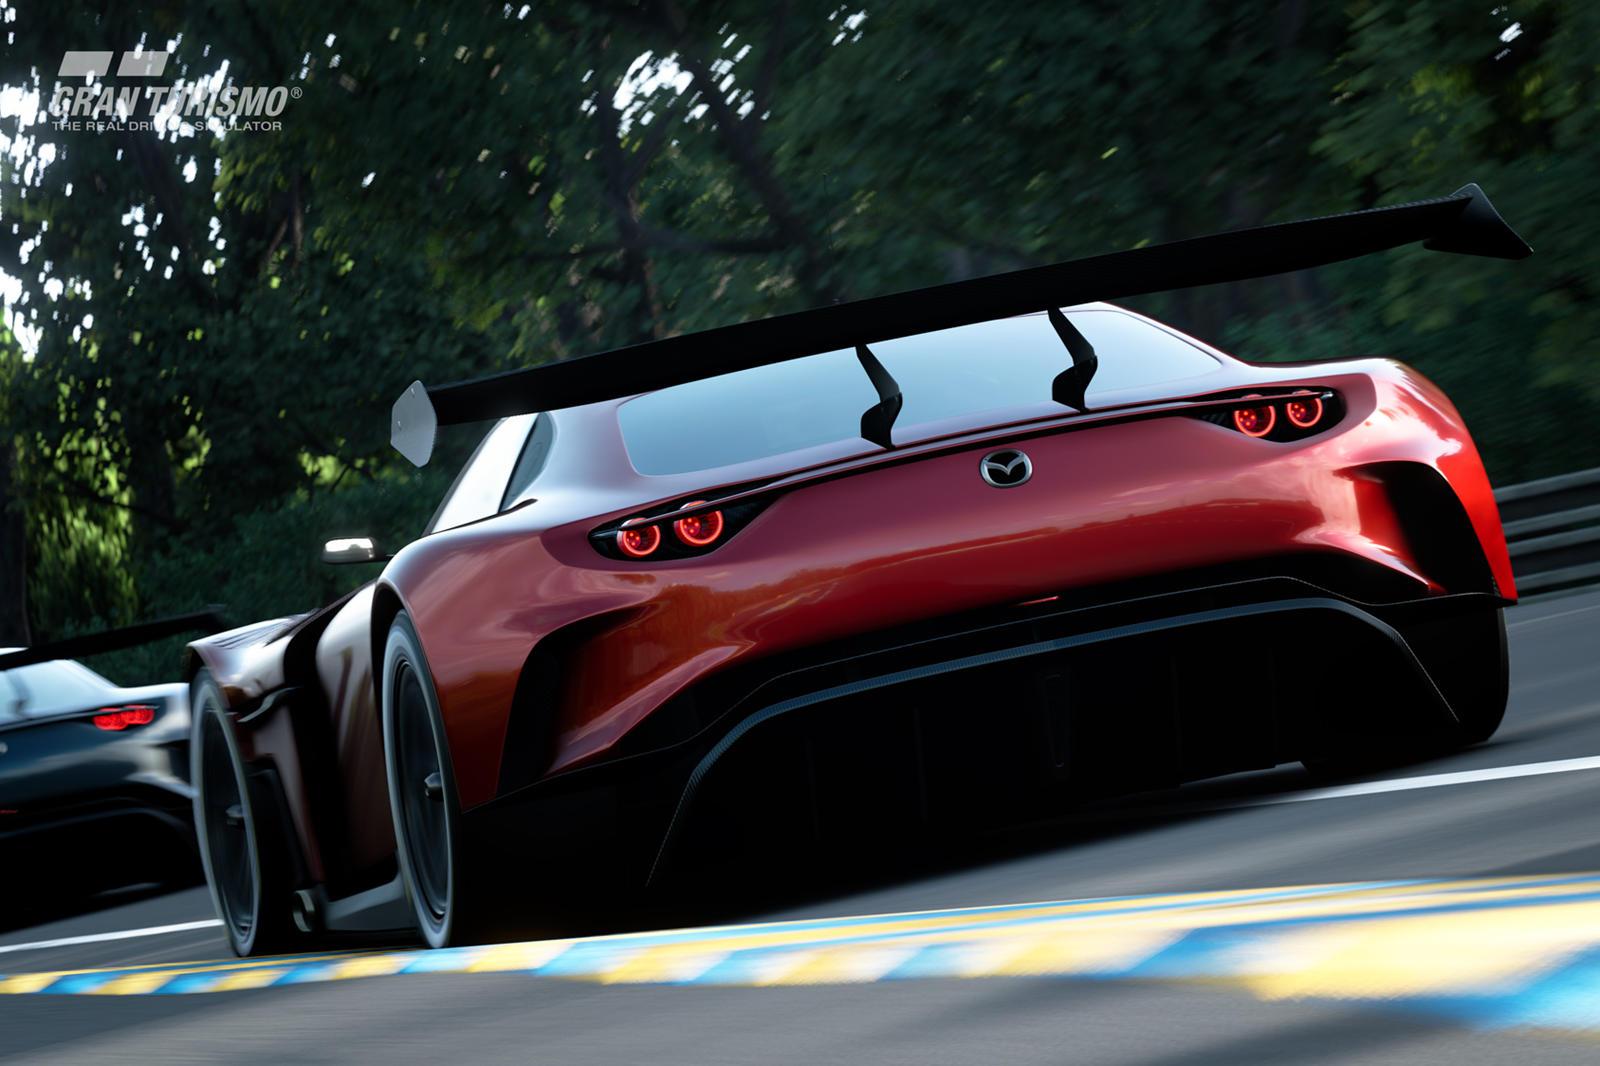 RX-Vision GT3 Concept берет оригинальный дизайн RX-Vision и добавляет более агрессивные элементы гоночного автомобиля, включая передний сплиттер, массивный вентиляционный кожух для капота, гоночные шины Michelin и огромное заднее антикрыло. Возможно,